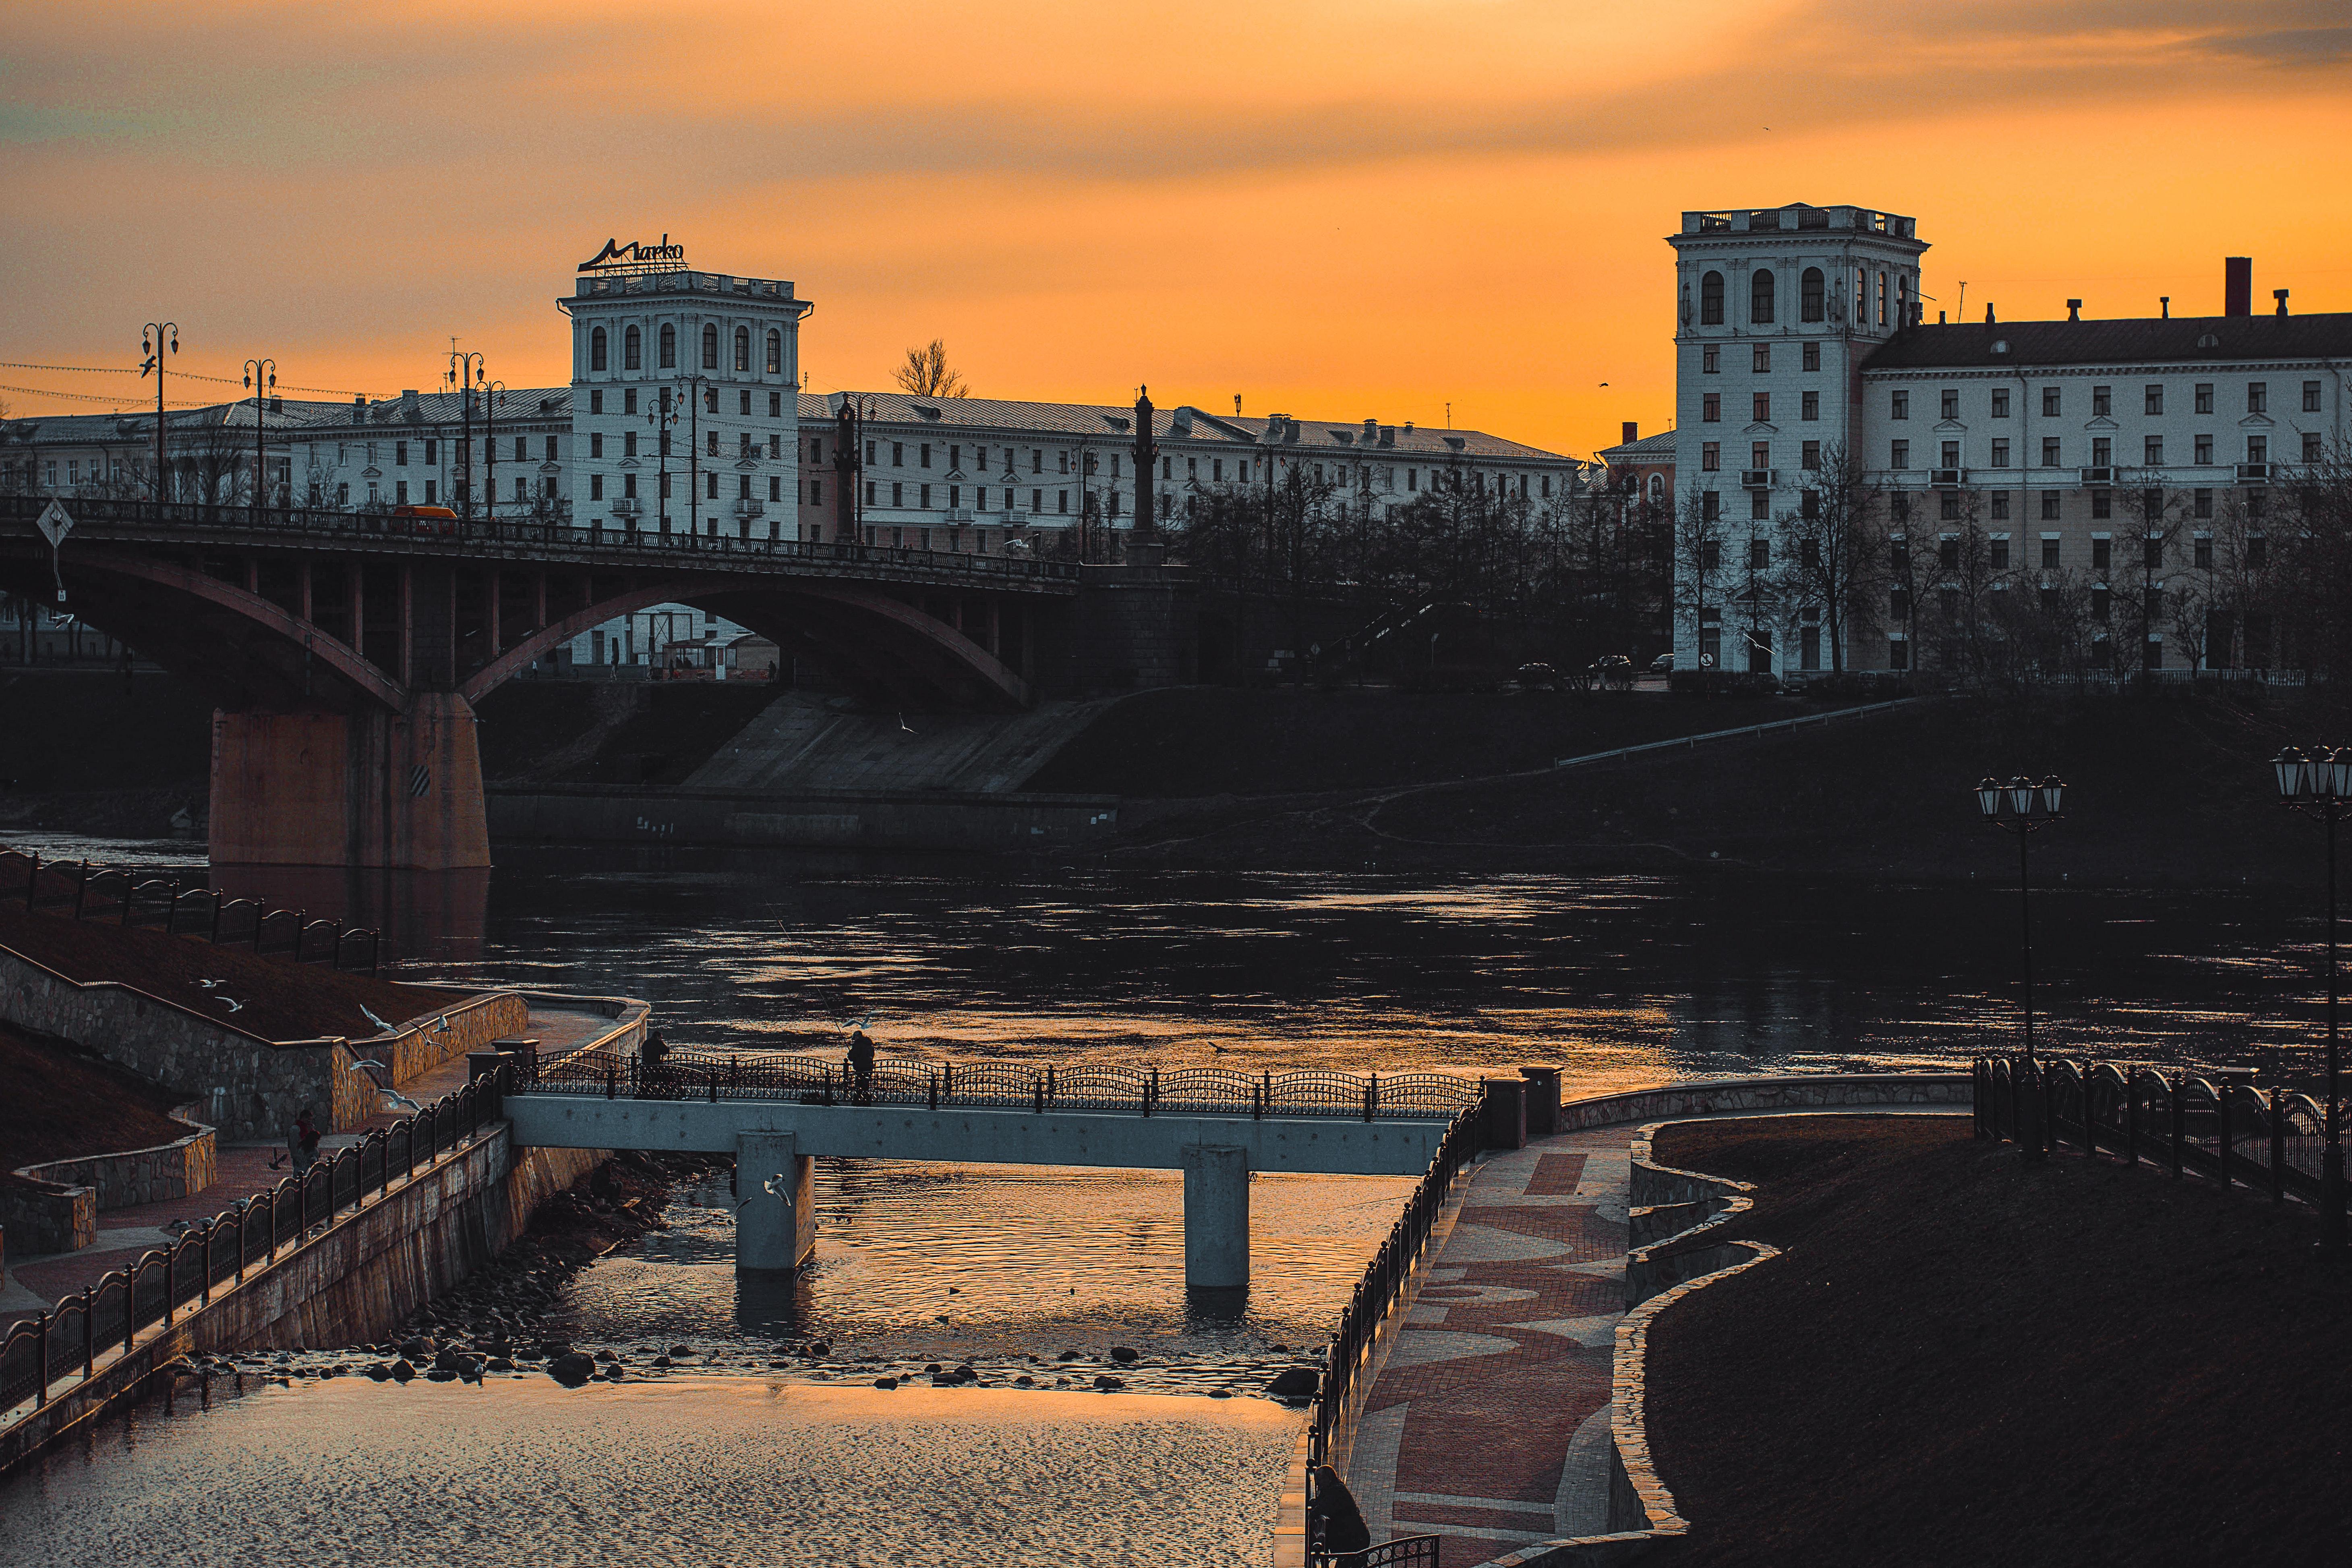 Bridge near high-rise building photo